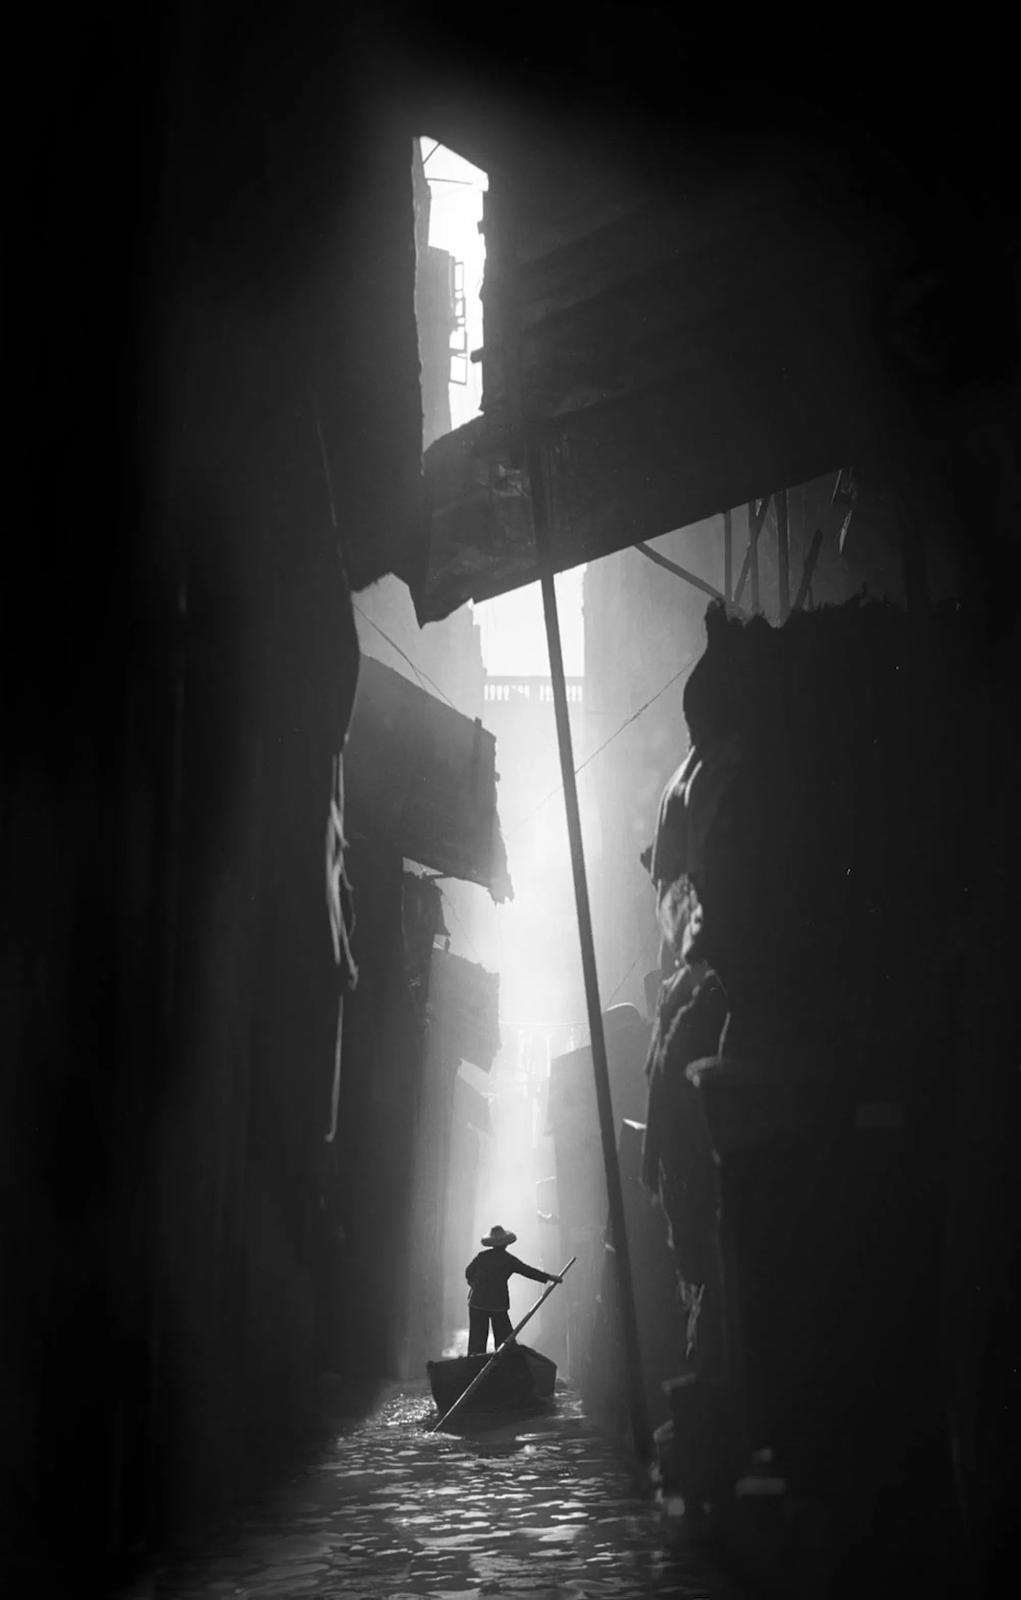 Una imagen en blanco y negro de un hombre en un barco en un río de Hong Kong por una estrecha vía fluvial, por el famoso fotógrafo Fan Ho